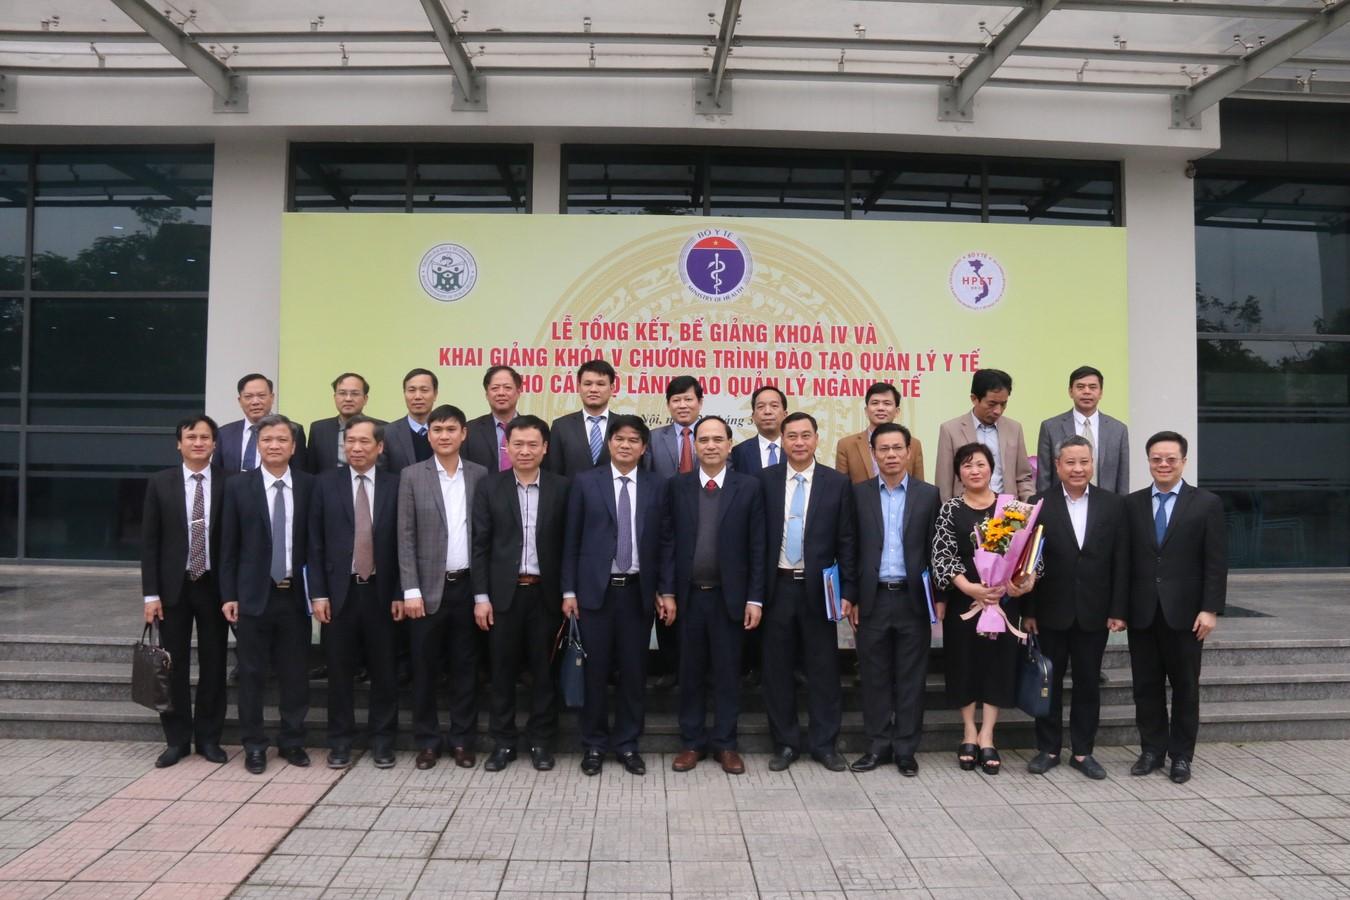 Lễ tổng kết, bế giảng khóa 4 và khai giảng khóa 5 chương trình đào tạo cán bộ Lãnh đạo , quản lý Ngành Y tế Việt Nam